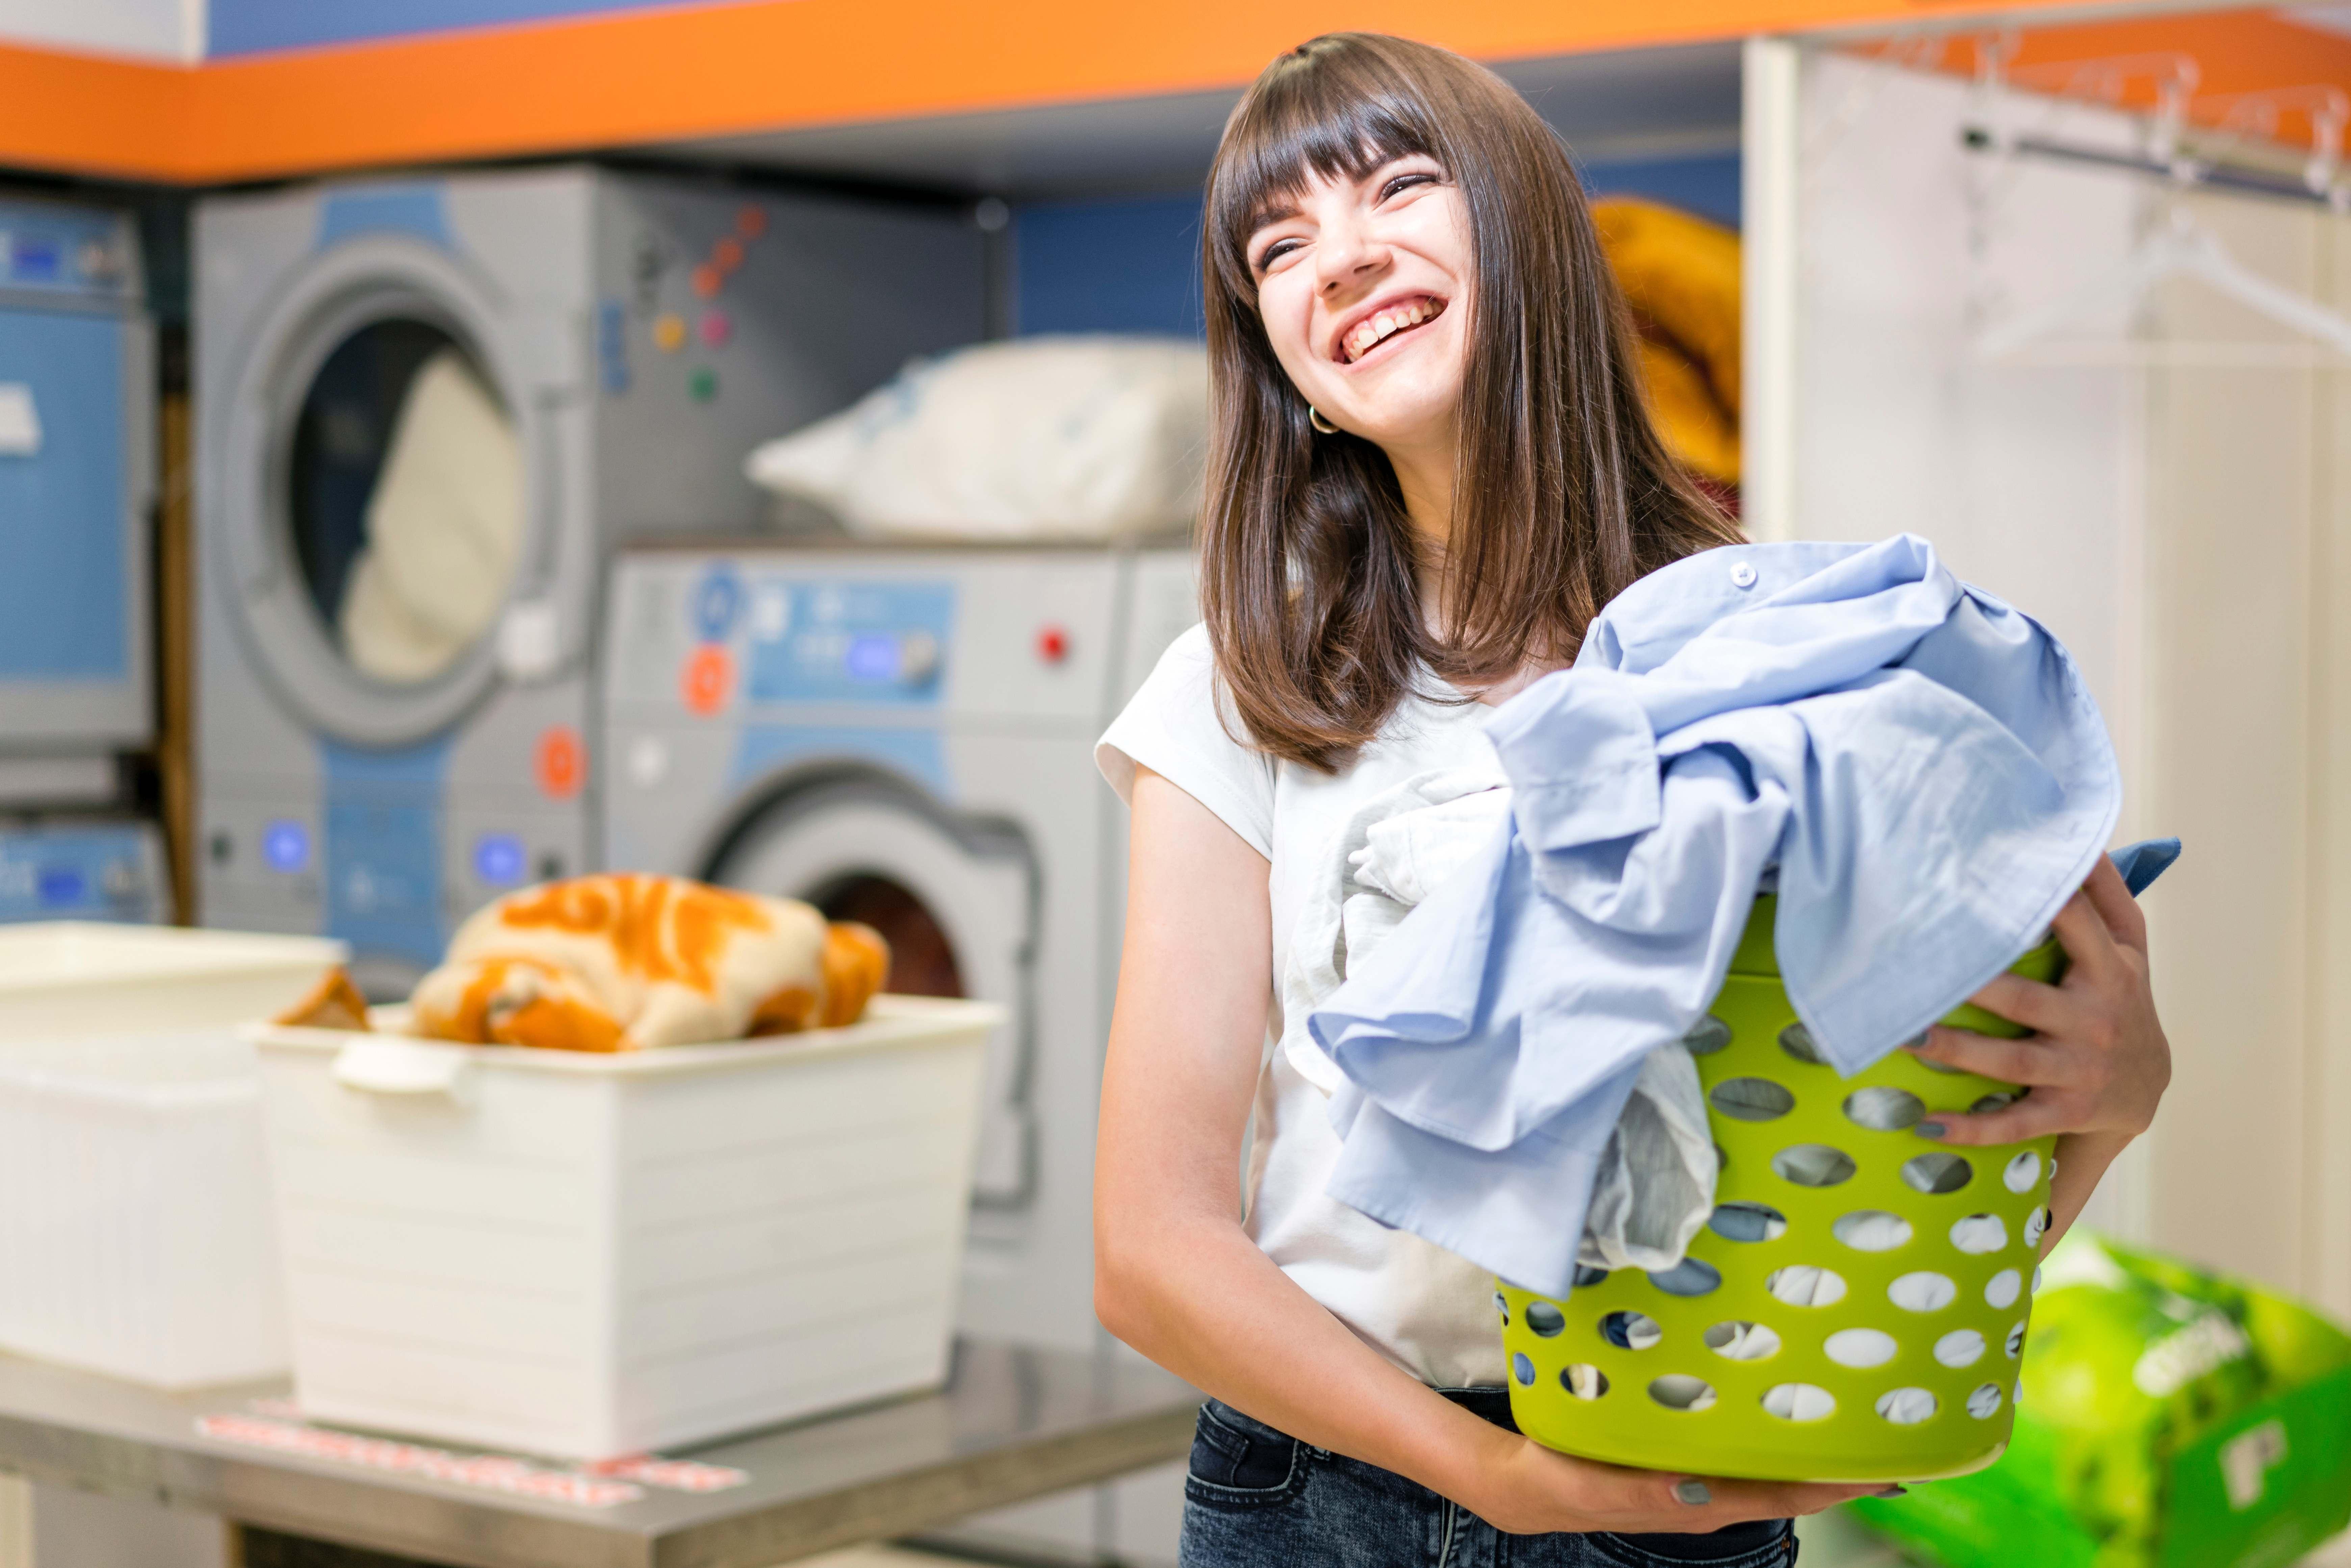 como lavar ropa interior feminina